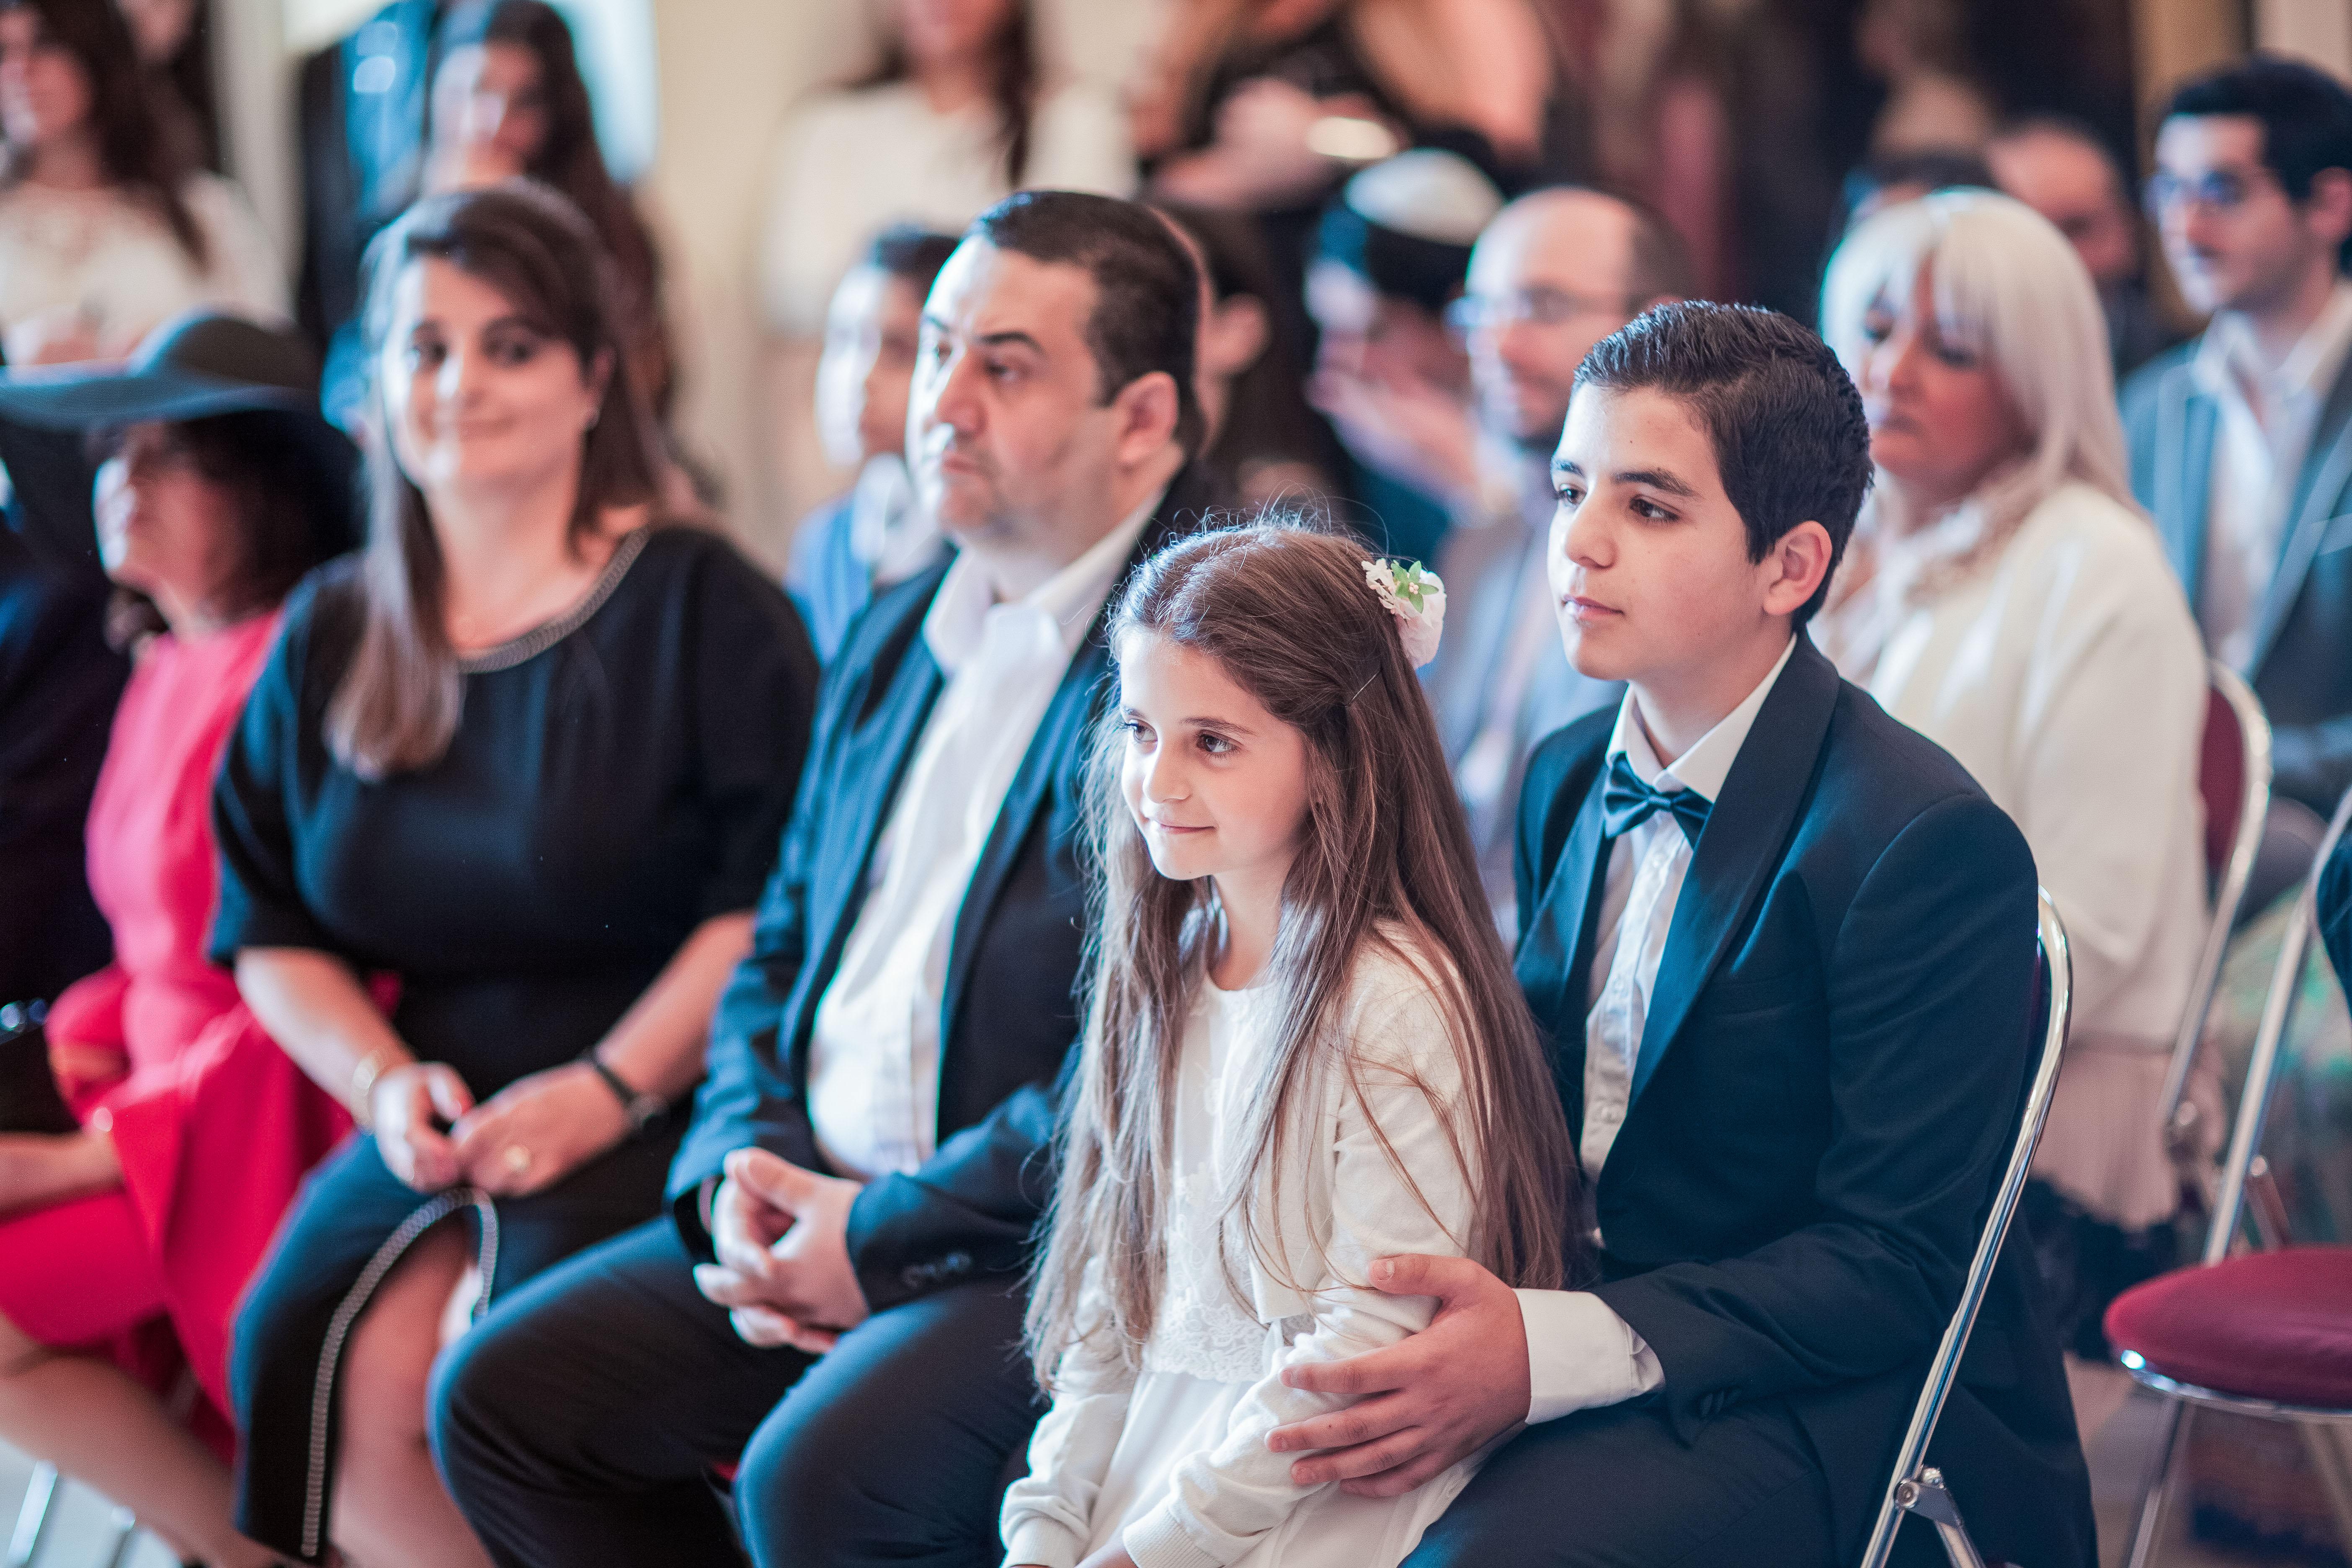 photographe mariage juif 20 photographe de mariage a paris et en france - Photographe Mariage Juif